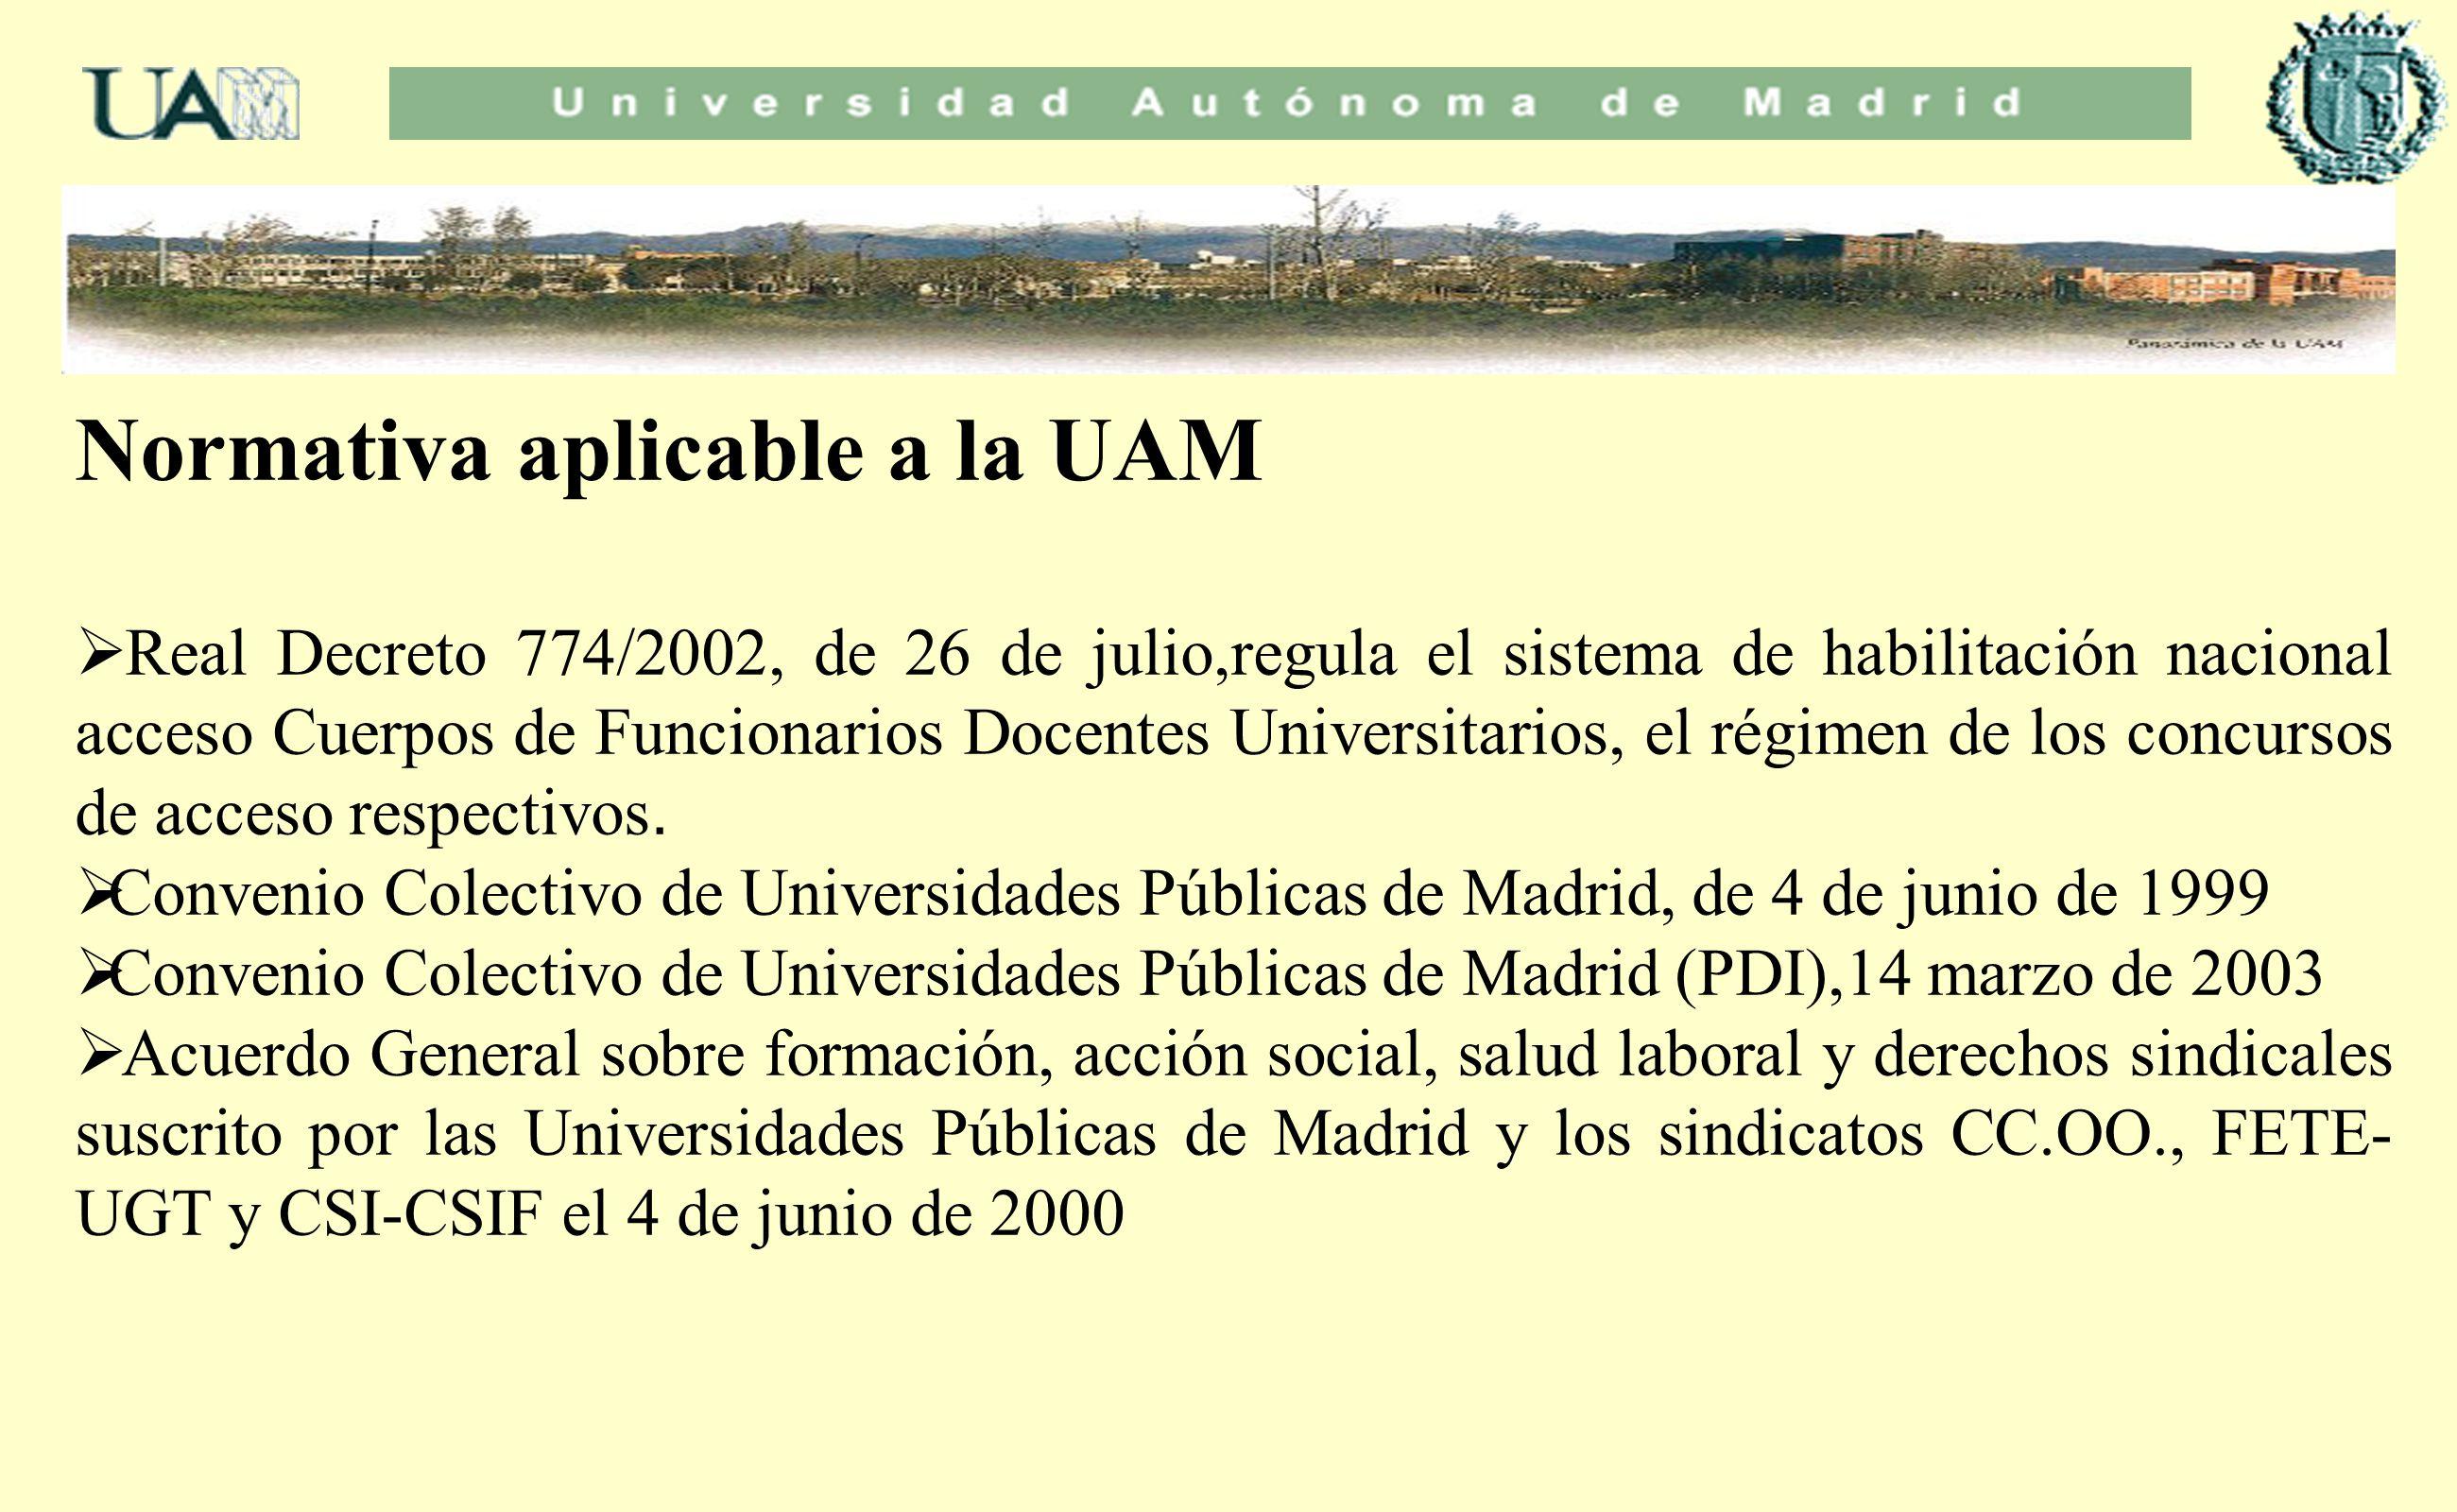 Normativa aplicable a la UAM Real Decreto 774/2002, de 26 de julio,regula el sistema de habilitación nacional acceso Cuerpos de Funcionarios Docentes